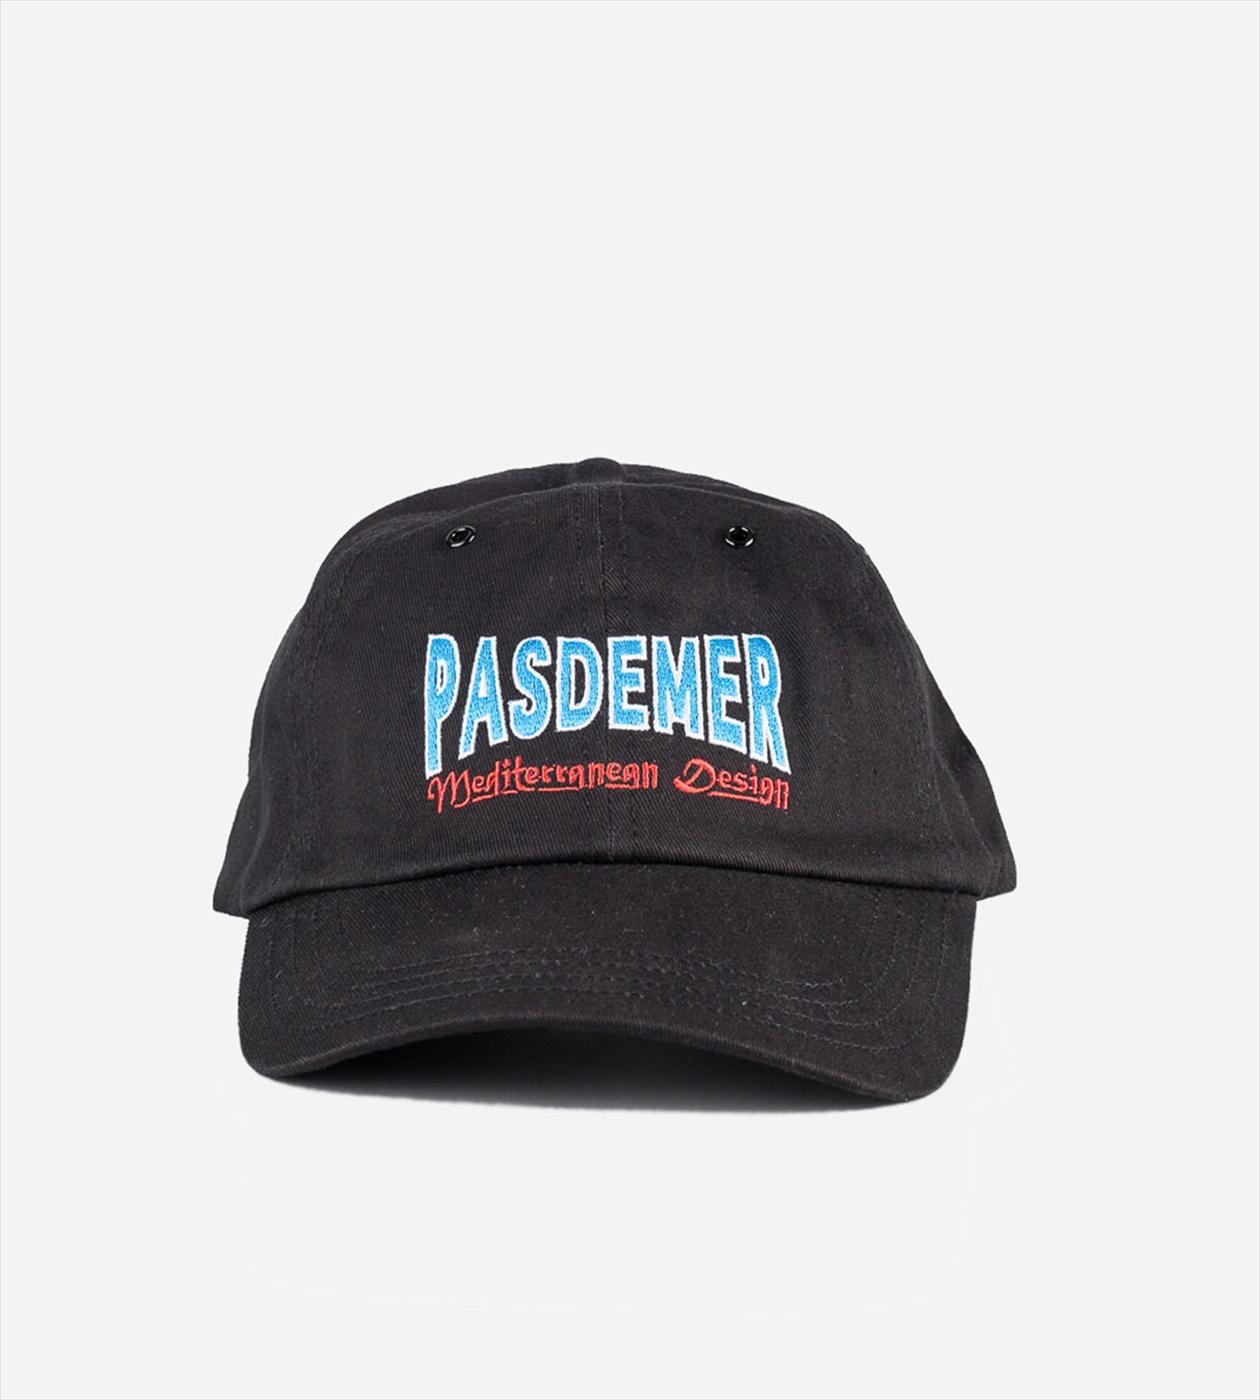 【PAS DE MER/パドゥメ】MED. DESIGN BASEBALL CAP ベースボールキャップ / BLACK